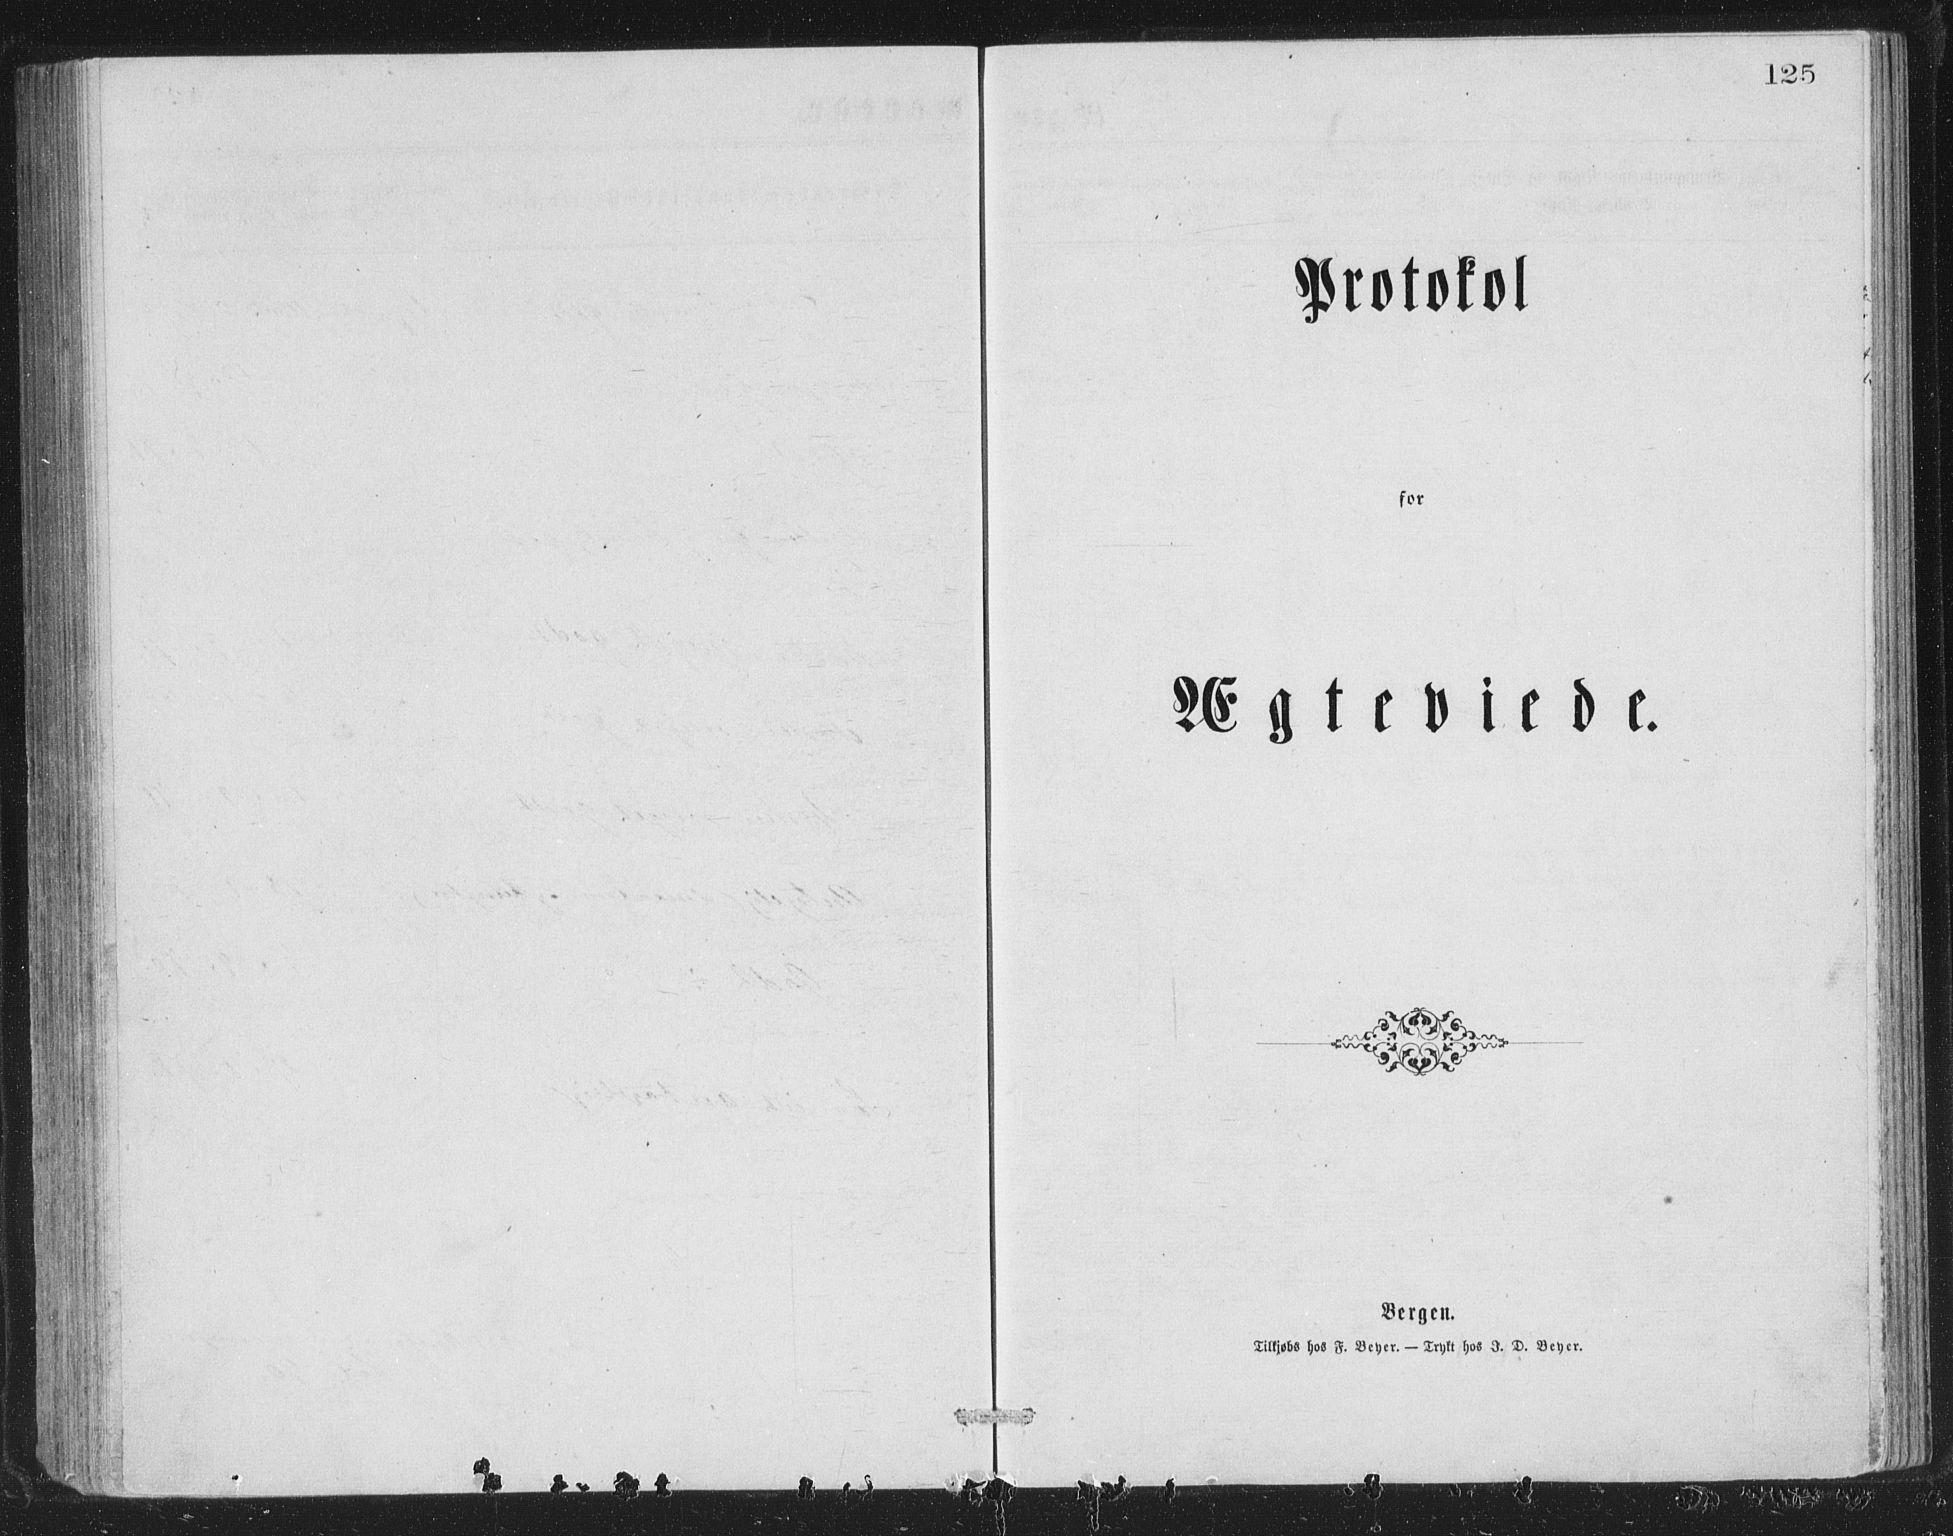 SAB, Åsane sokneprestembete, H/Hab: Klokkerbok nr. A 1, 1870-1884, s. 125